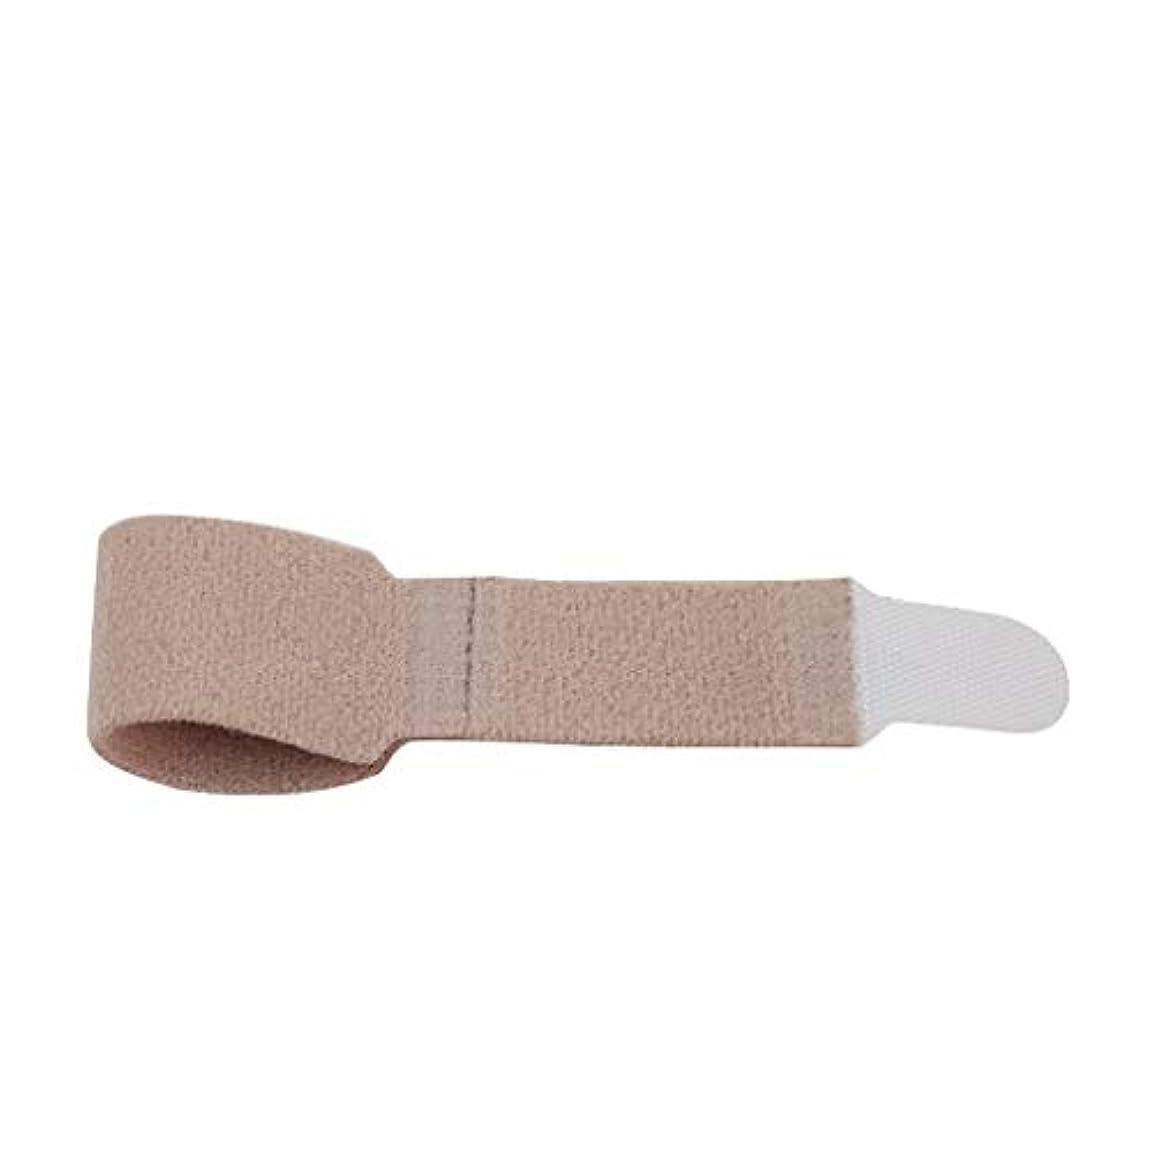 各意気込み流体つま先セパレーター 昼と夜 汗を吸収する肌 高弾性 親指外反を重ねて着用 (1) (Size : M)